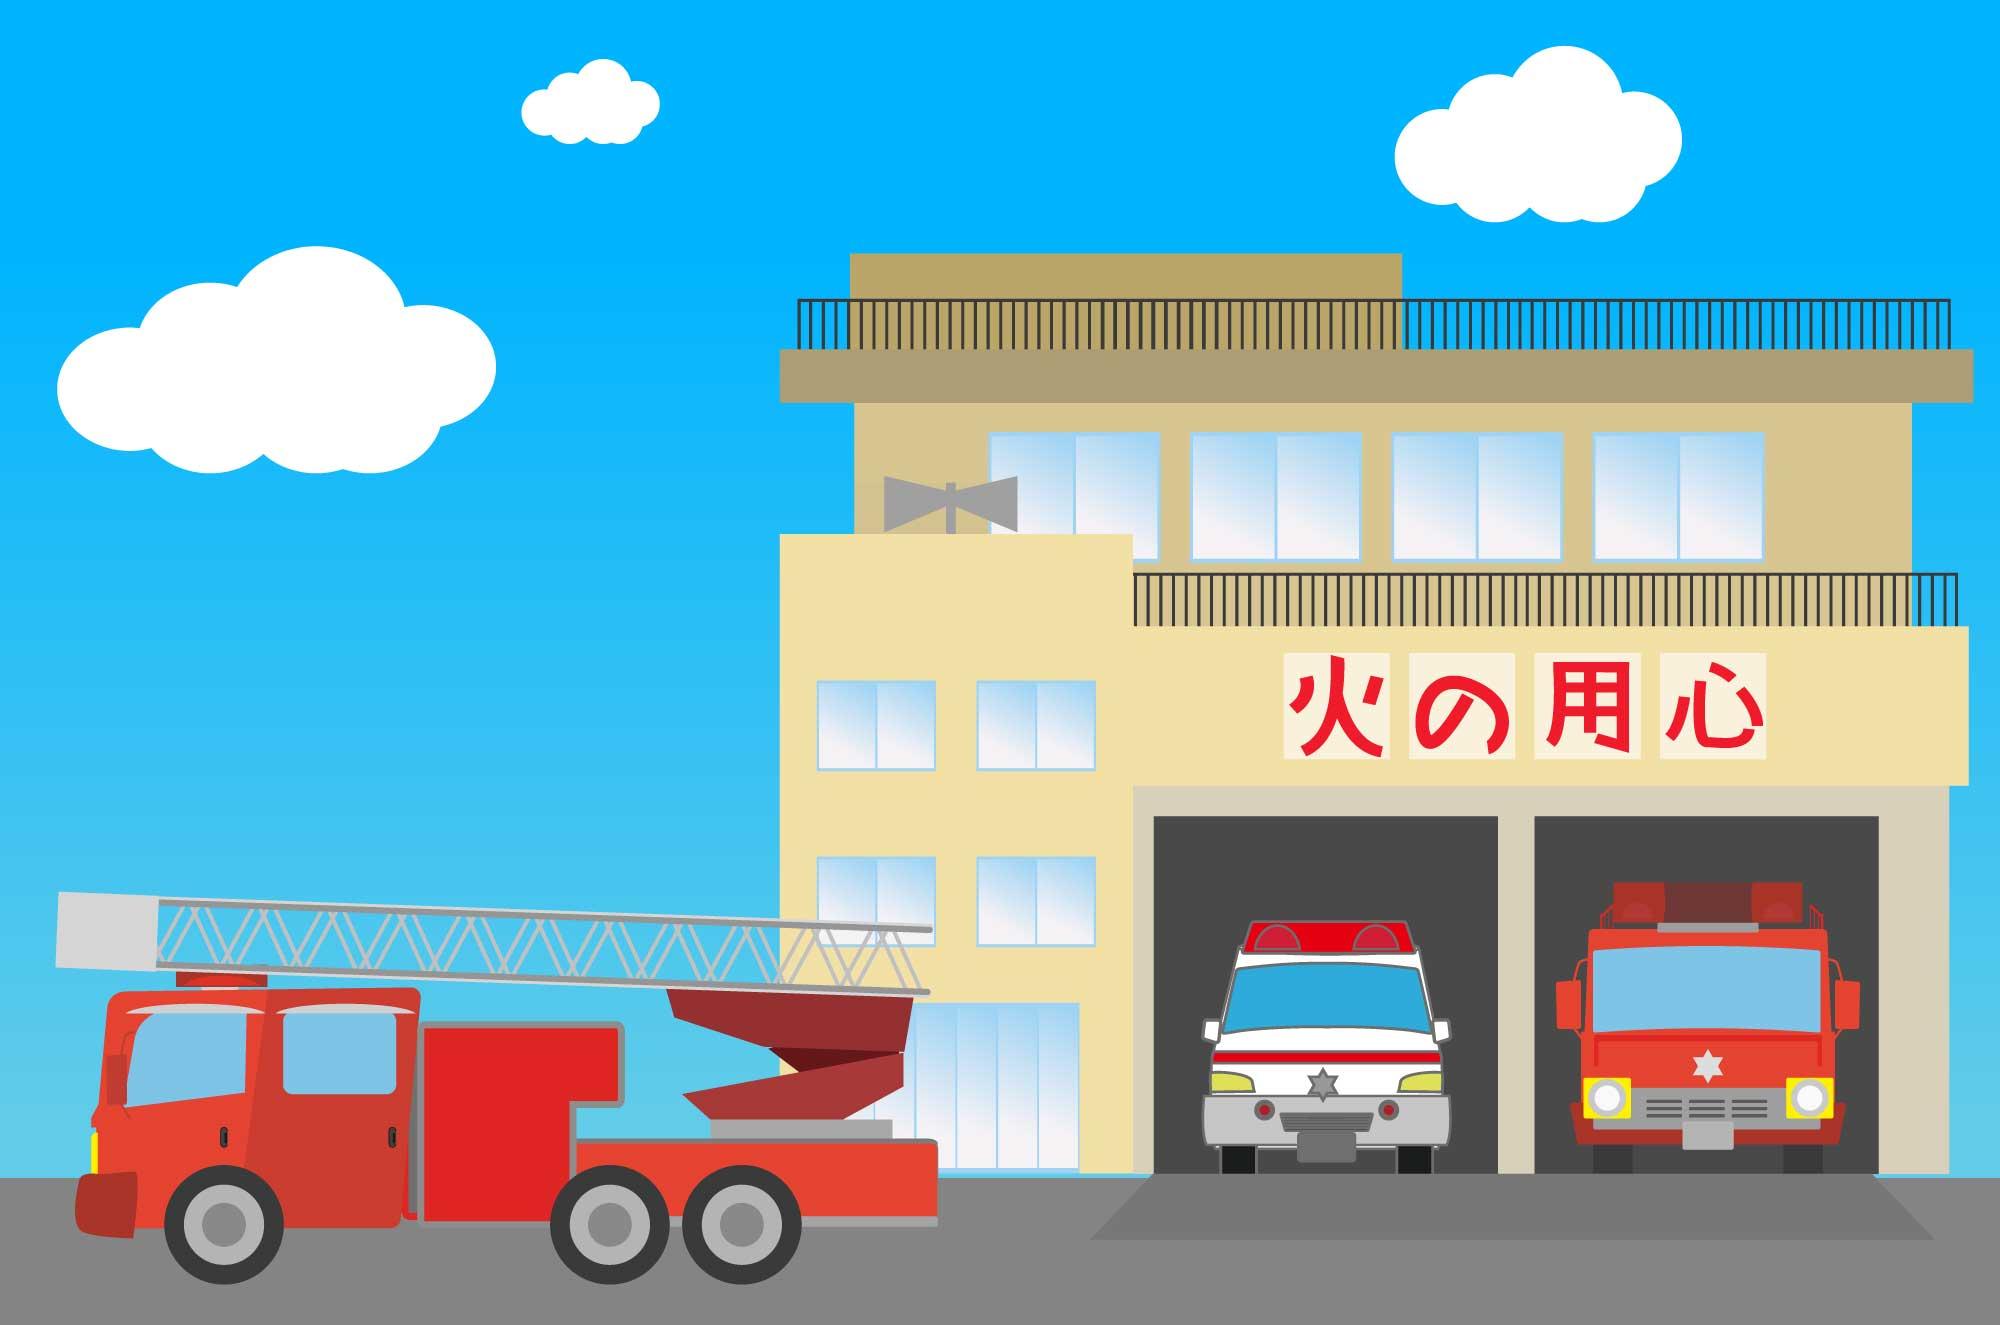 消防署の無料イラスト - 街の安全を守る施設の素材